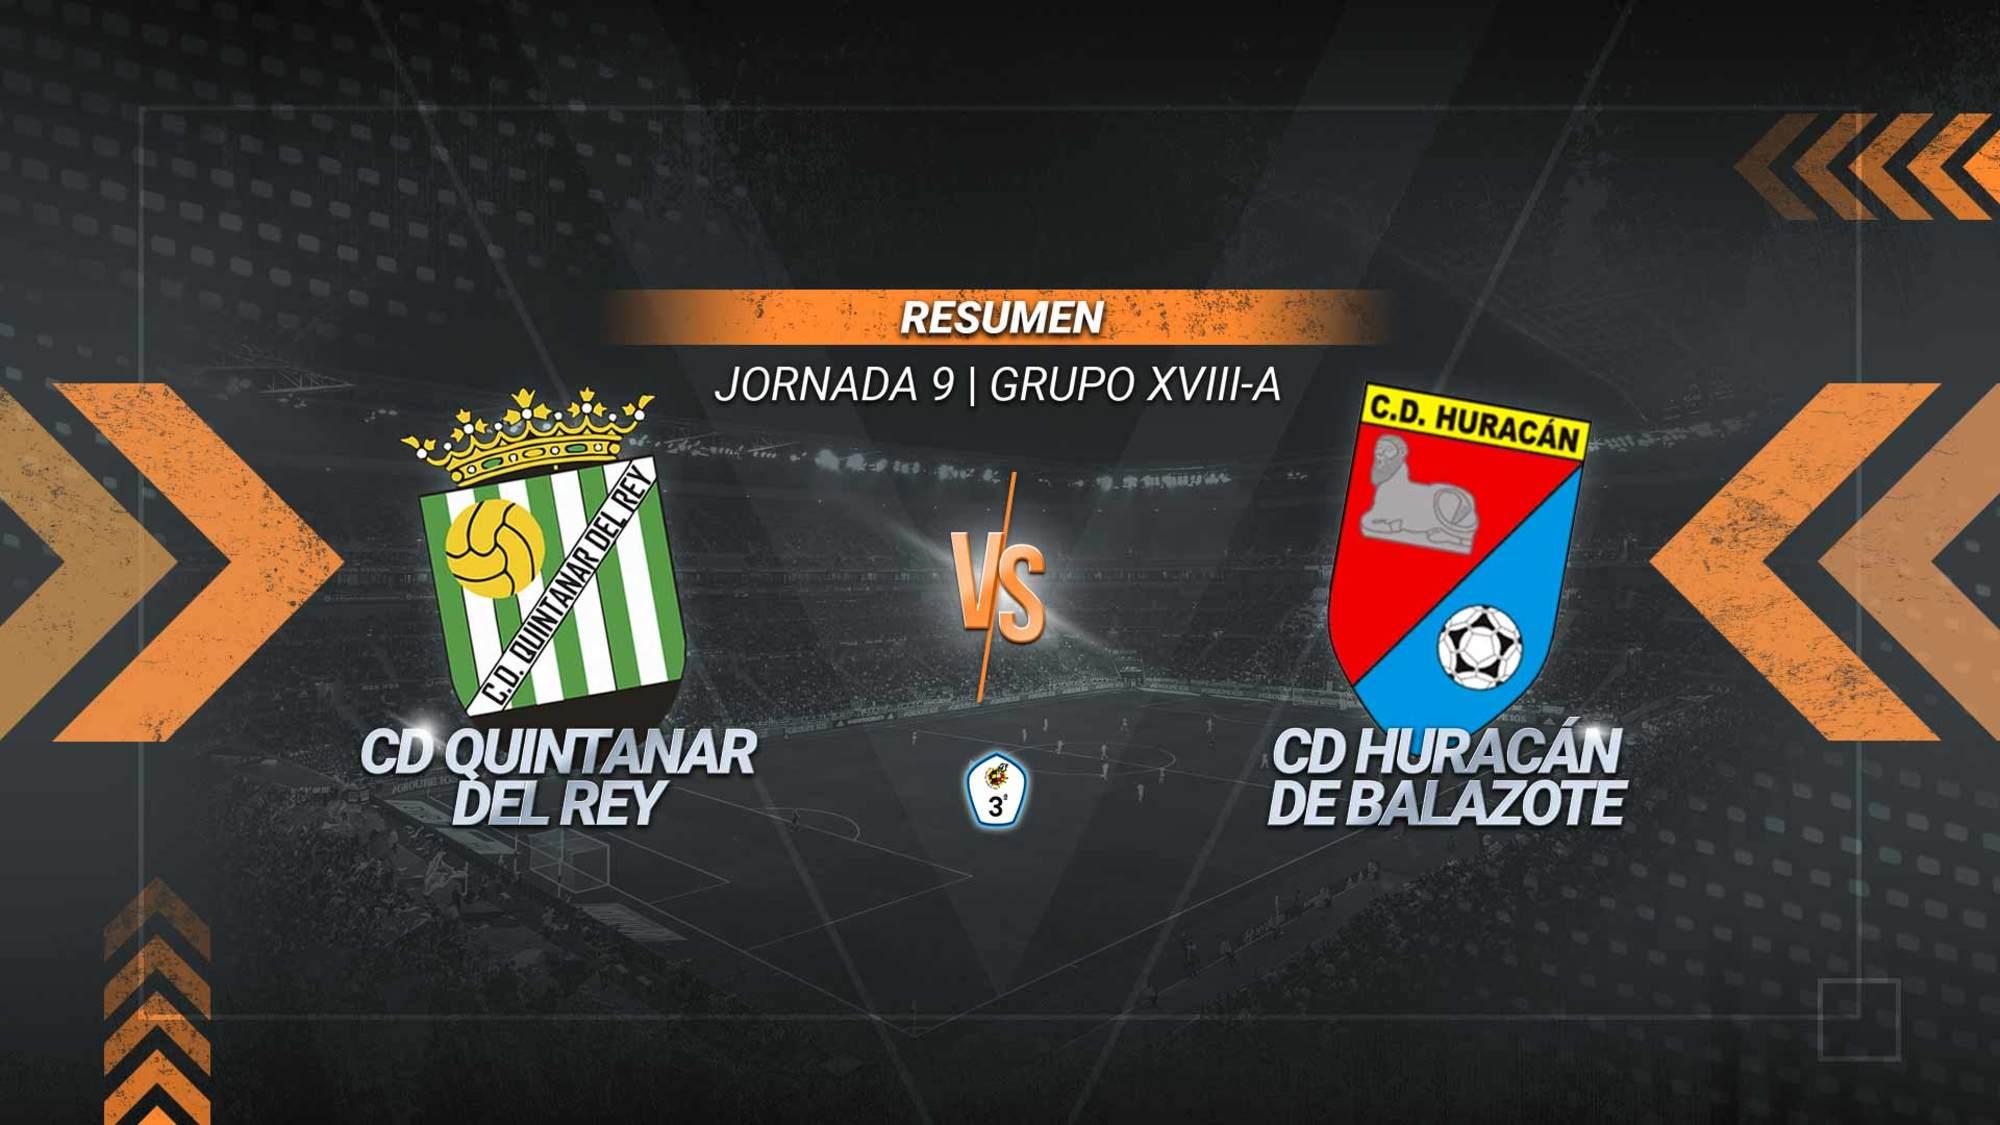 Un gol de Marcos y un doblete de Roque dan la victoria del Quintanar del Rey ante un Huracán de Balazote que, después de seis jornadas invicto, acumula dos derrotas consecutivas.